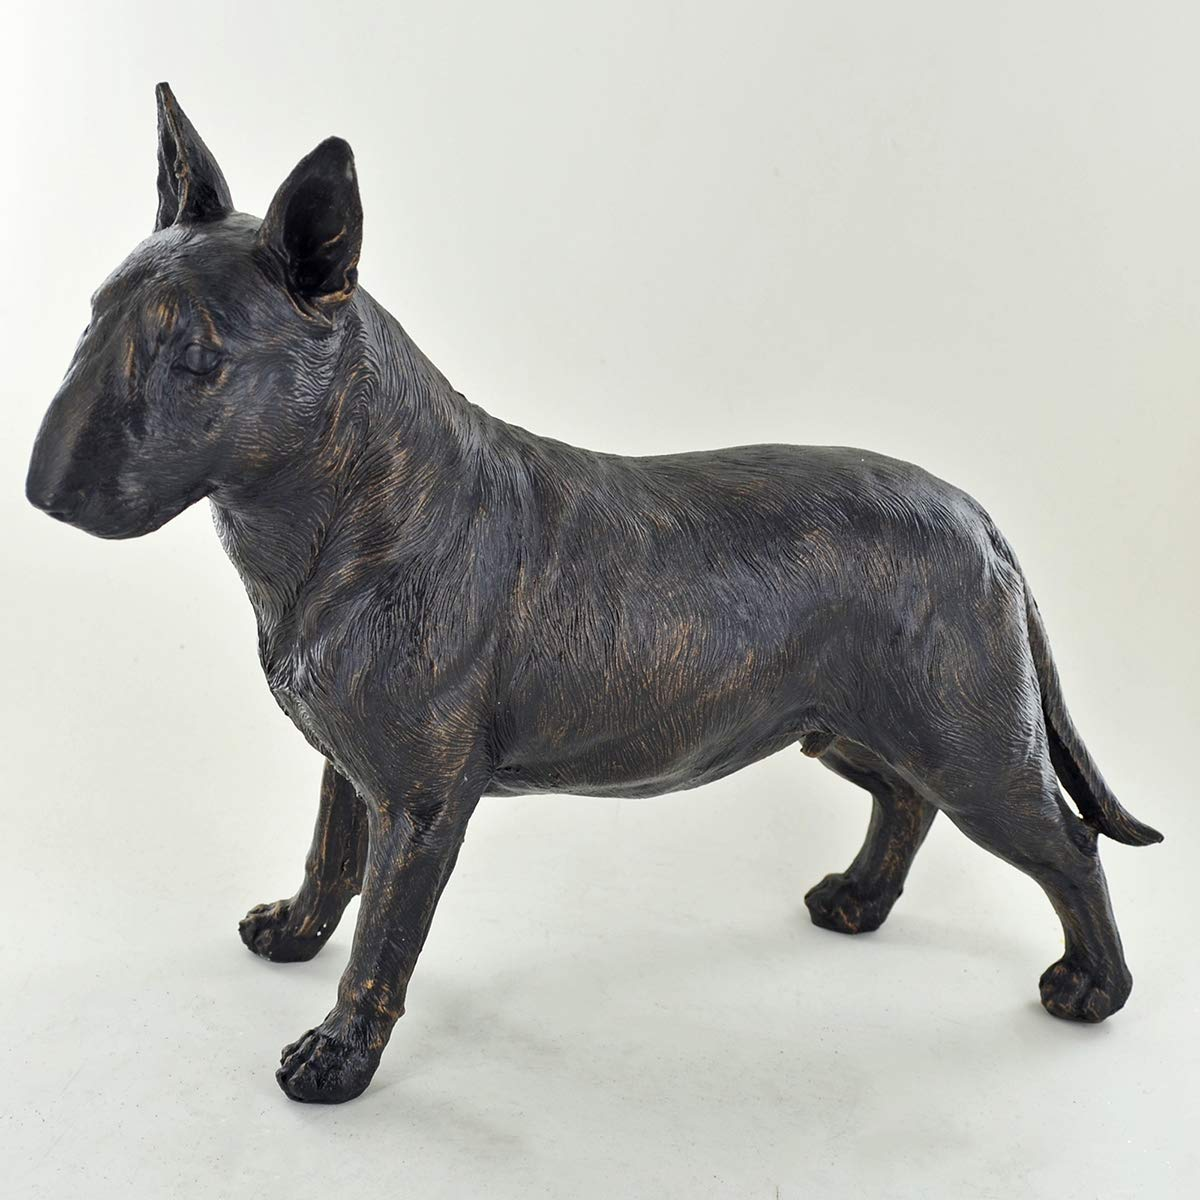 /Pet Gifts D/émarquer Home Decor H19/cm com Grande Bull Terrier Debout Painted Bronze Sculpture en r/ésine/ Prezents